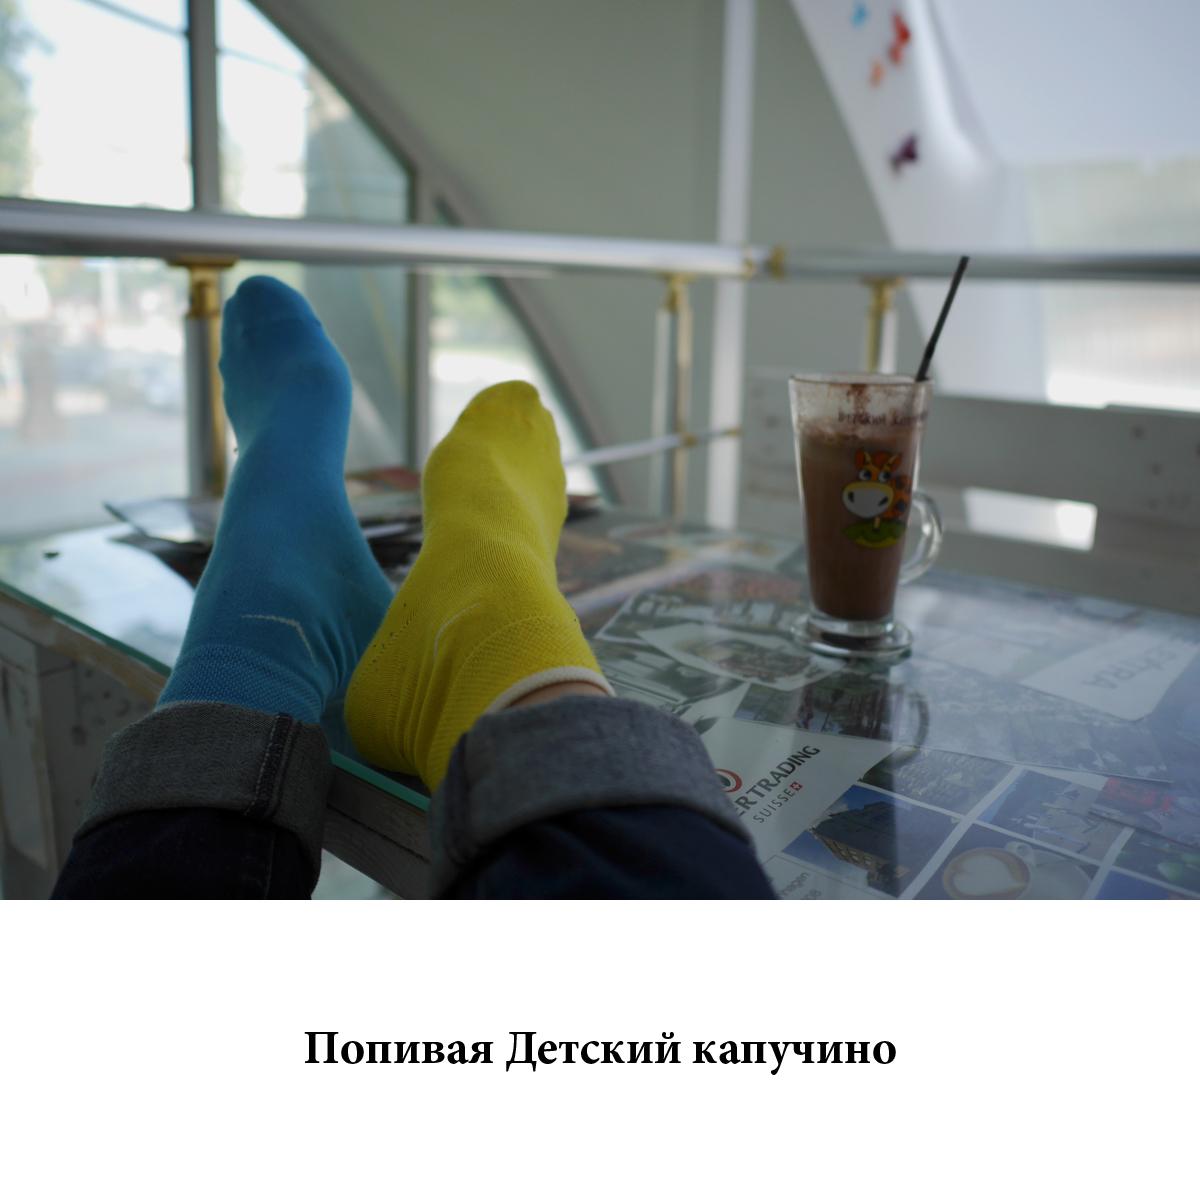 11 P93401342 Елена Алмазова зафиксировала жизнь своих ног